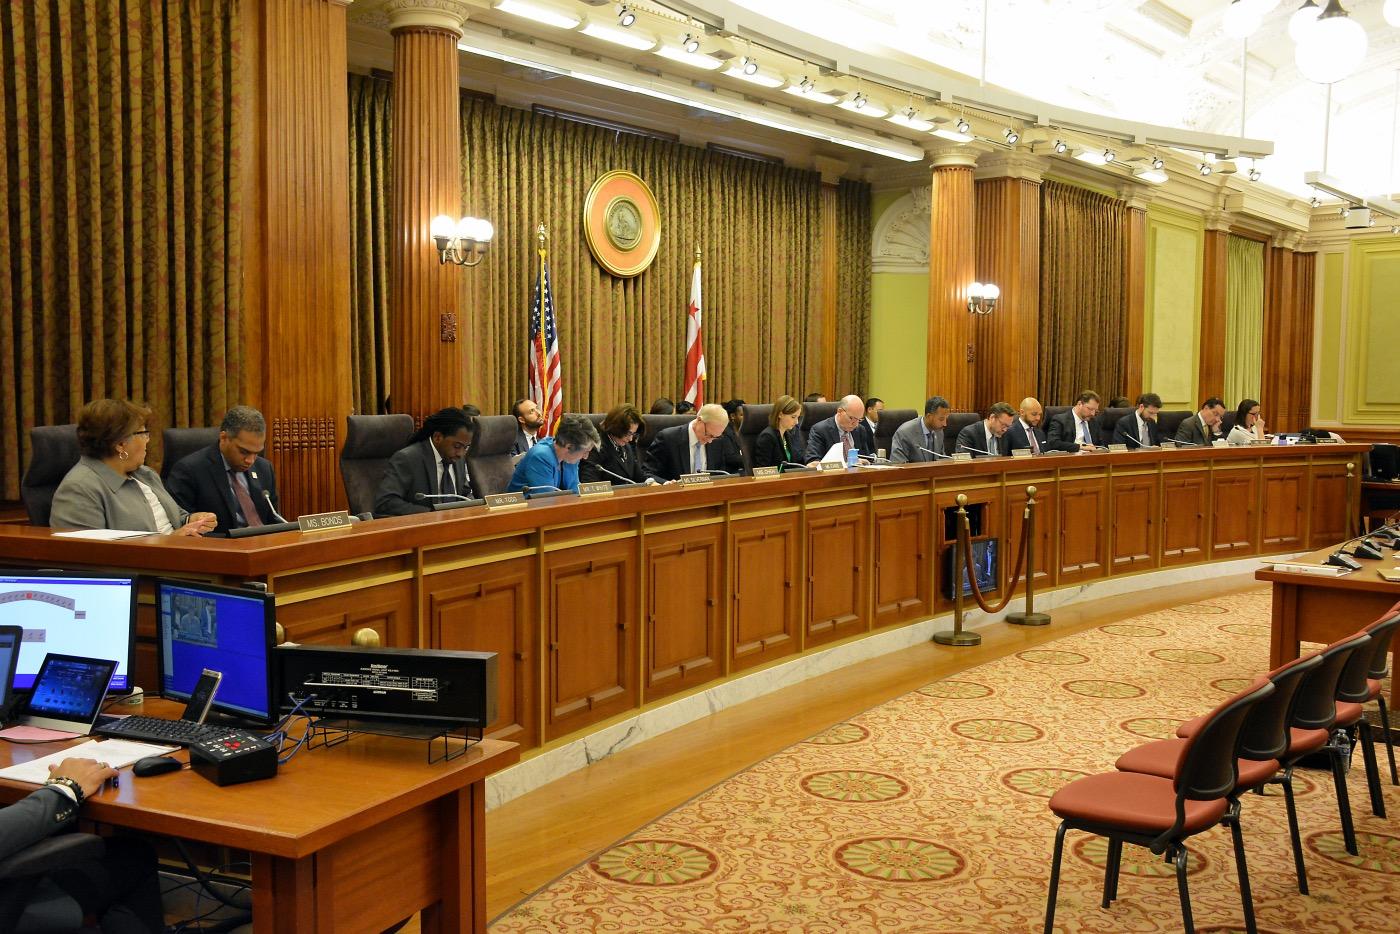 **FILE** D.C. Council (Courtesy photo)